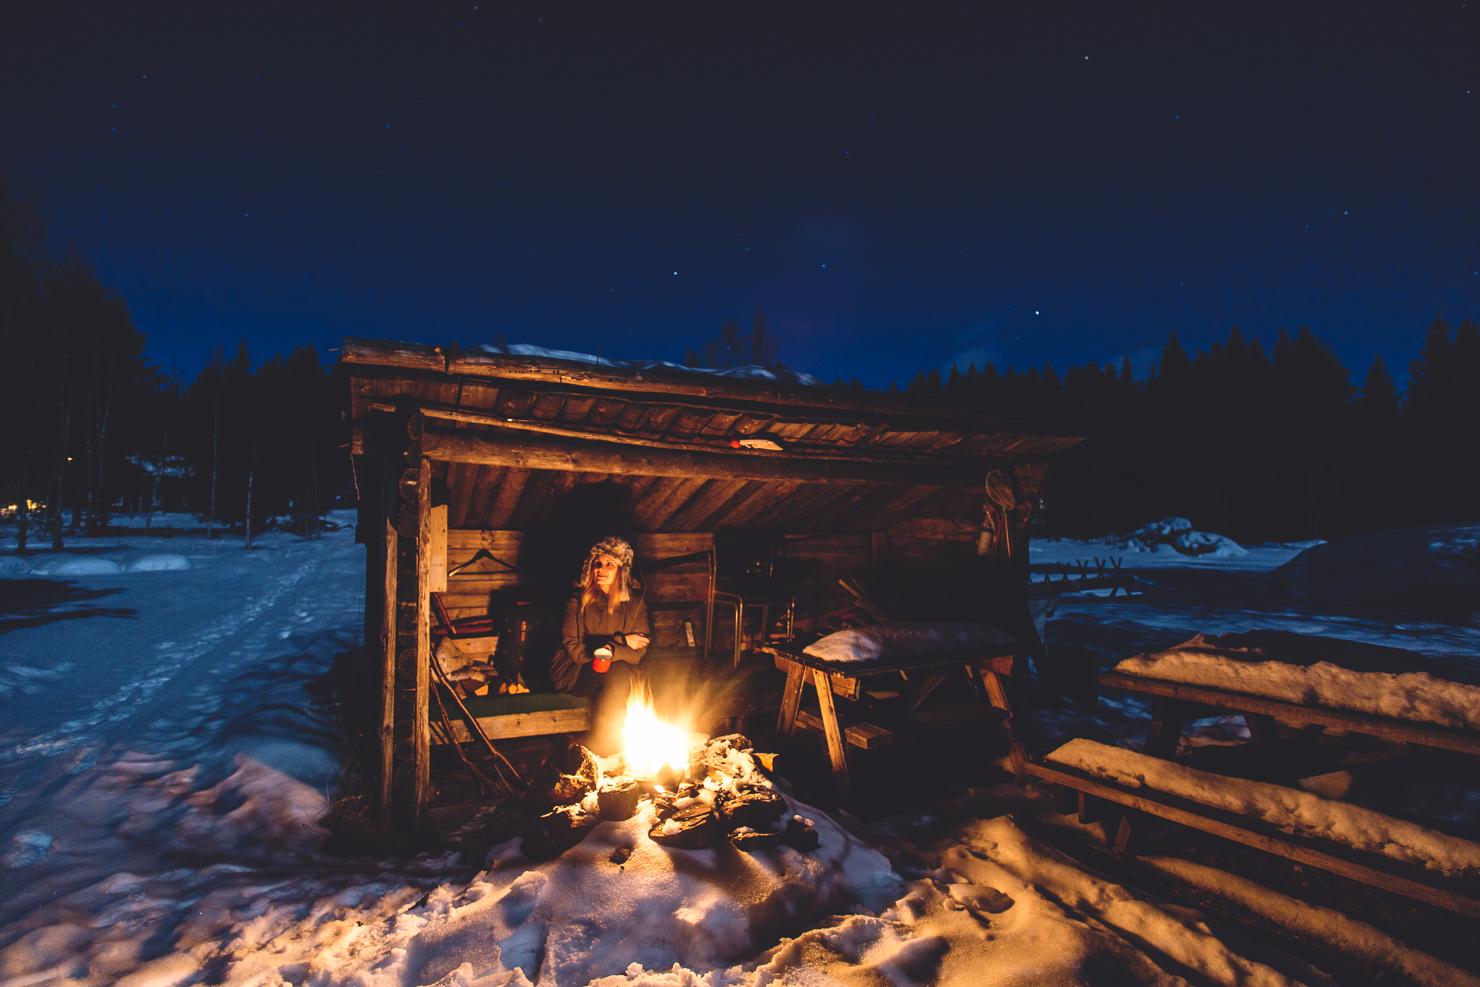 Månen, stjärnhimlen, brasan och jag – fredagkväll i Särna